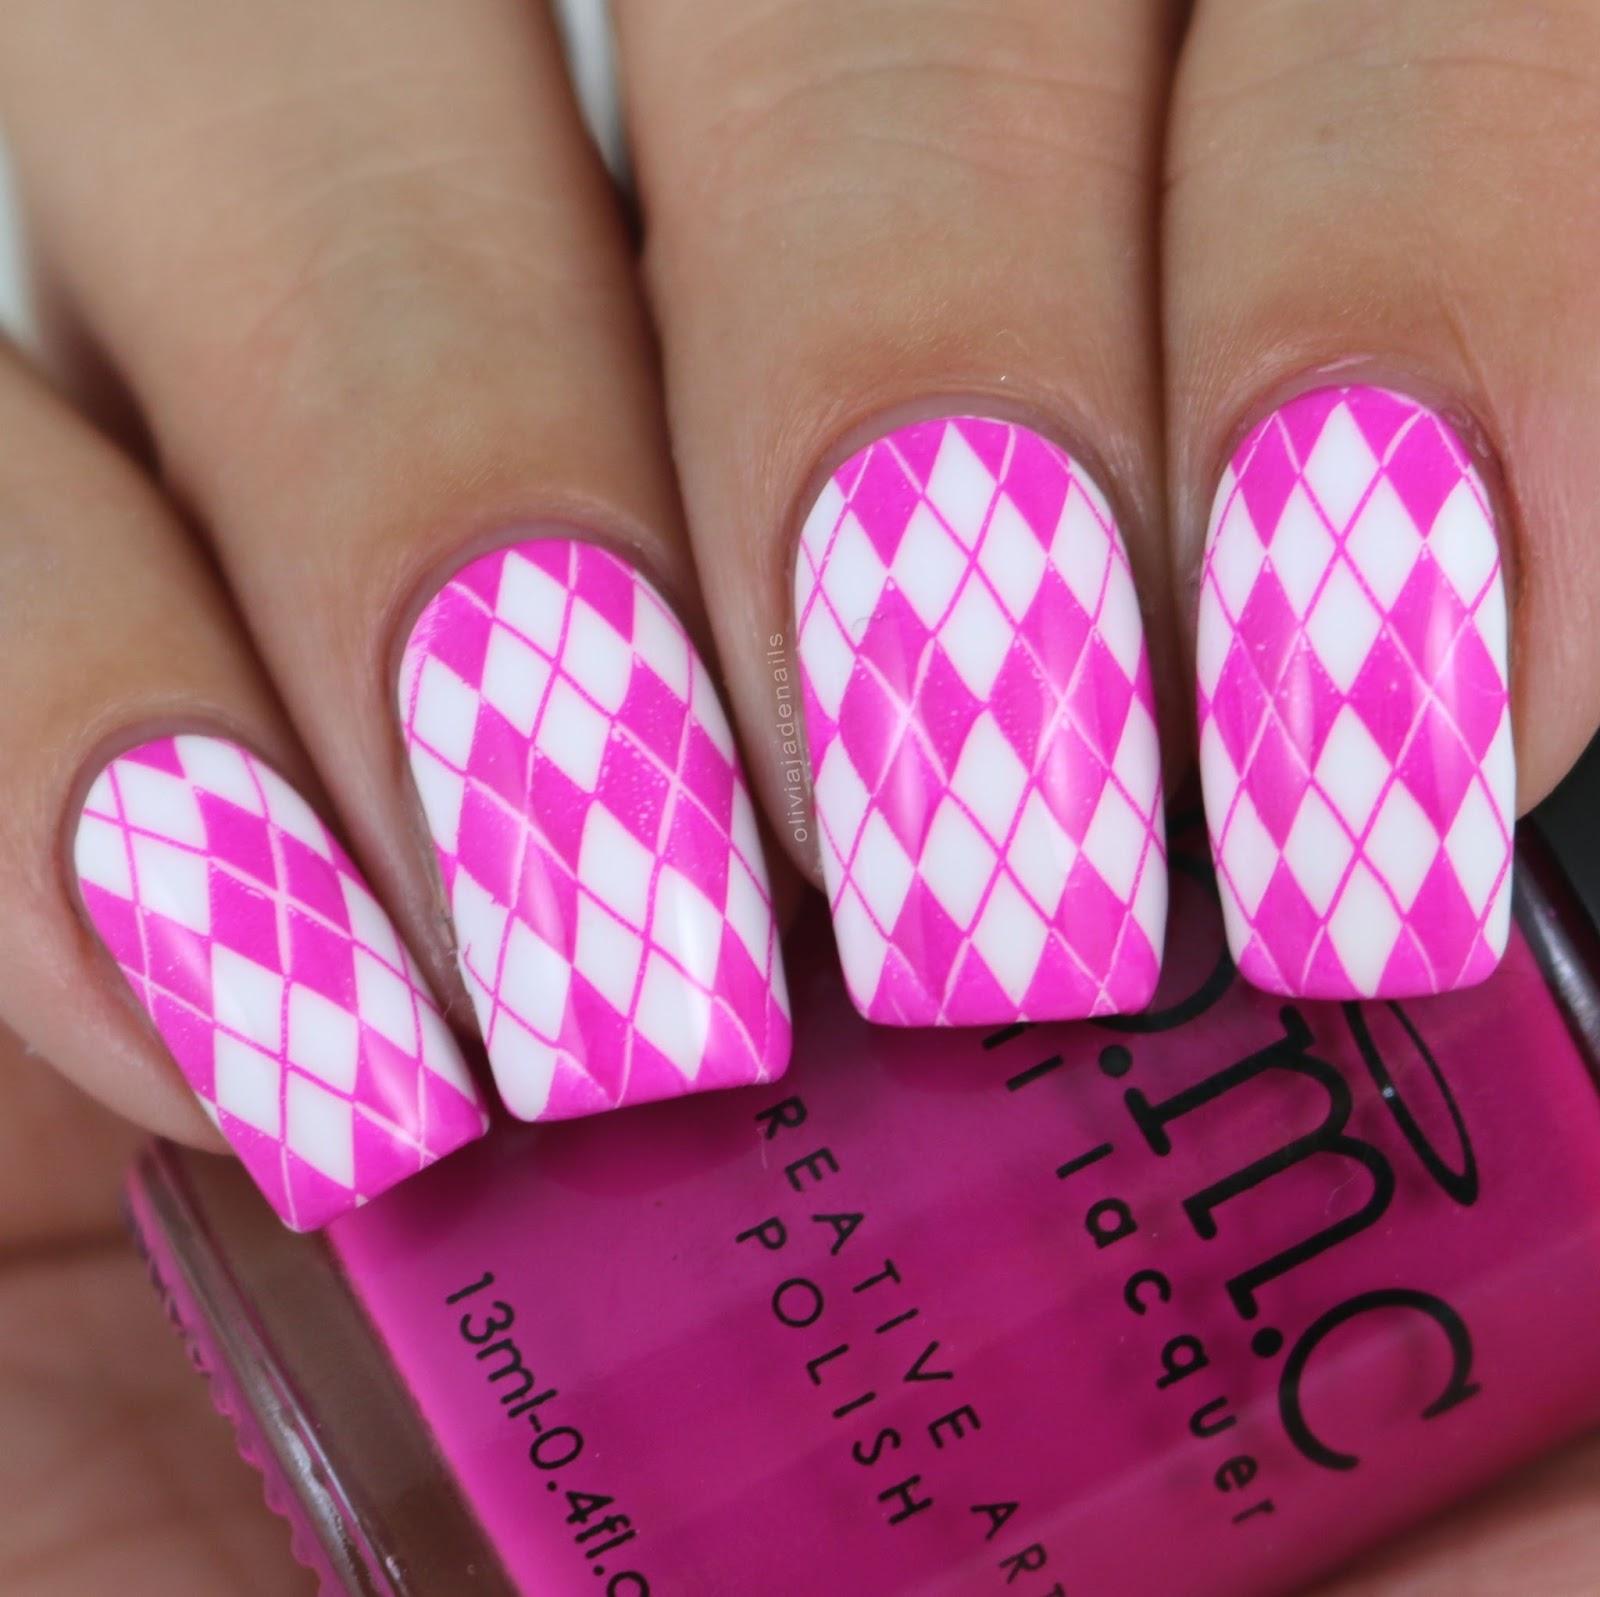 Olivia Jade Nails: Lina Nail Art Supplies Dress Your Nails 01 ...